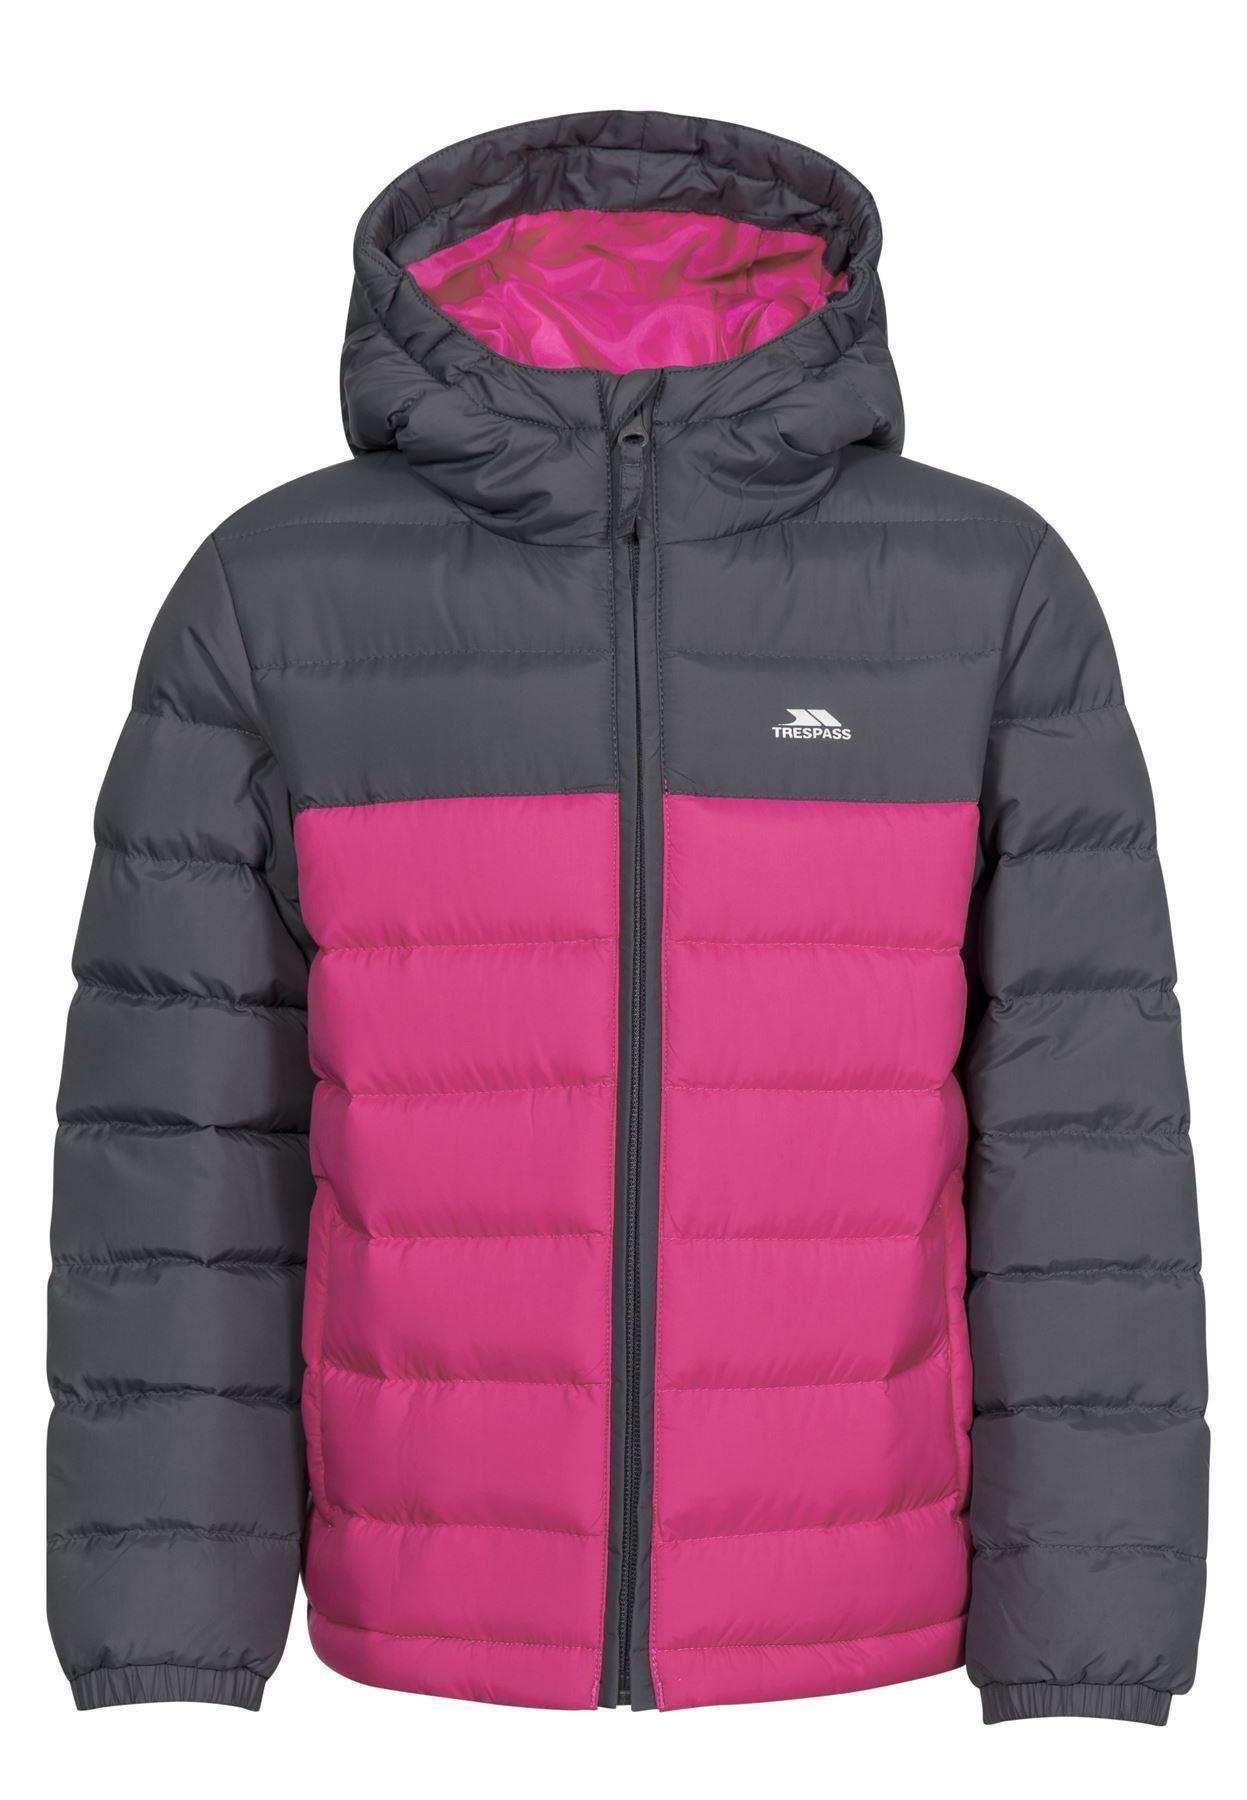 Trespass Childrens//Kids Oskar Padded Jacket